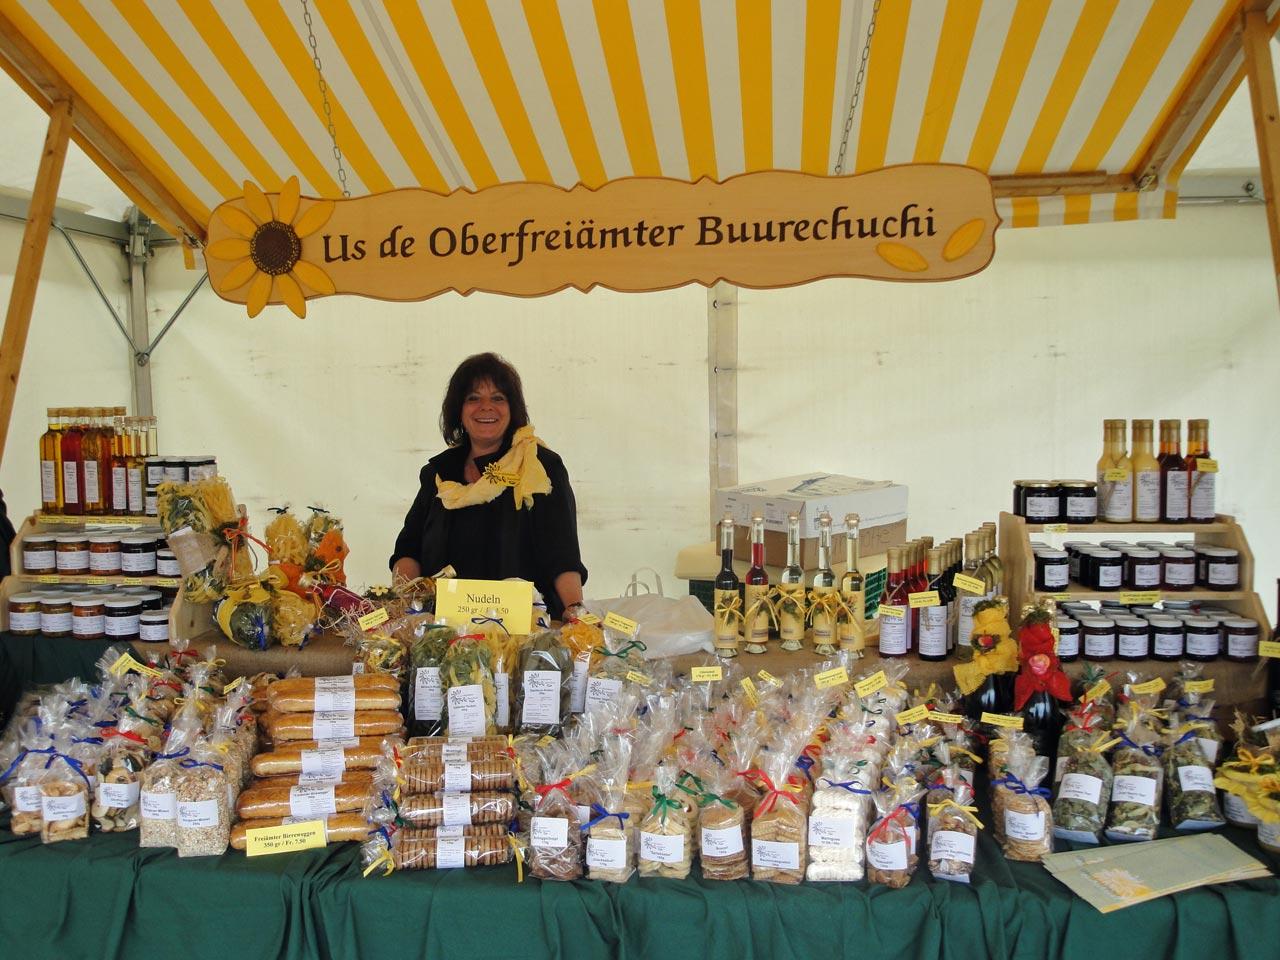 1999 – Teilnahme an der SIGA in Sins. Die Gewerbeausstellung bringt gute Werbung. – Die Buurechuchi geht das erste Mal an den Weihnachtsmarkt Meienberg.